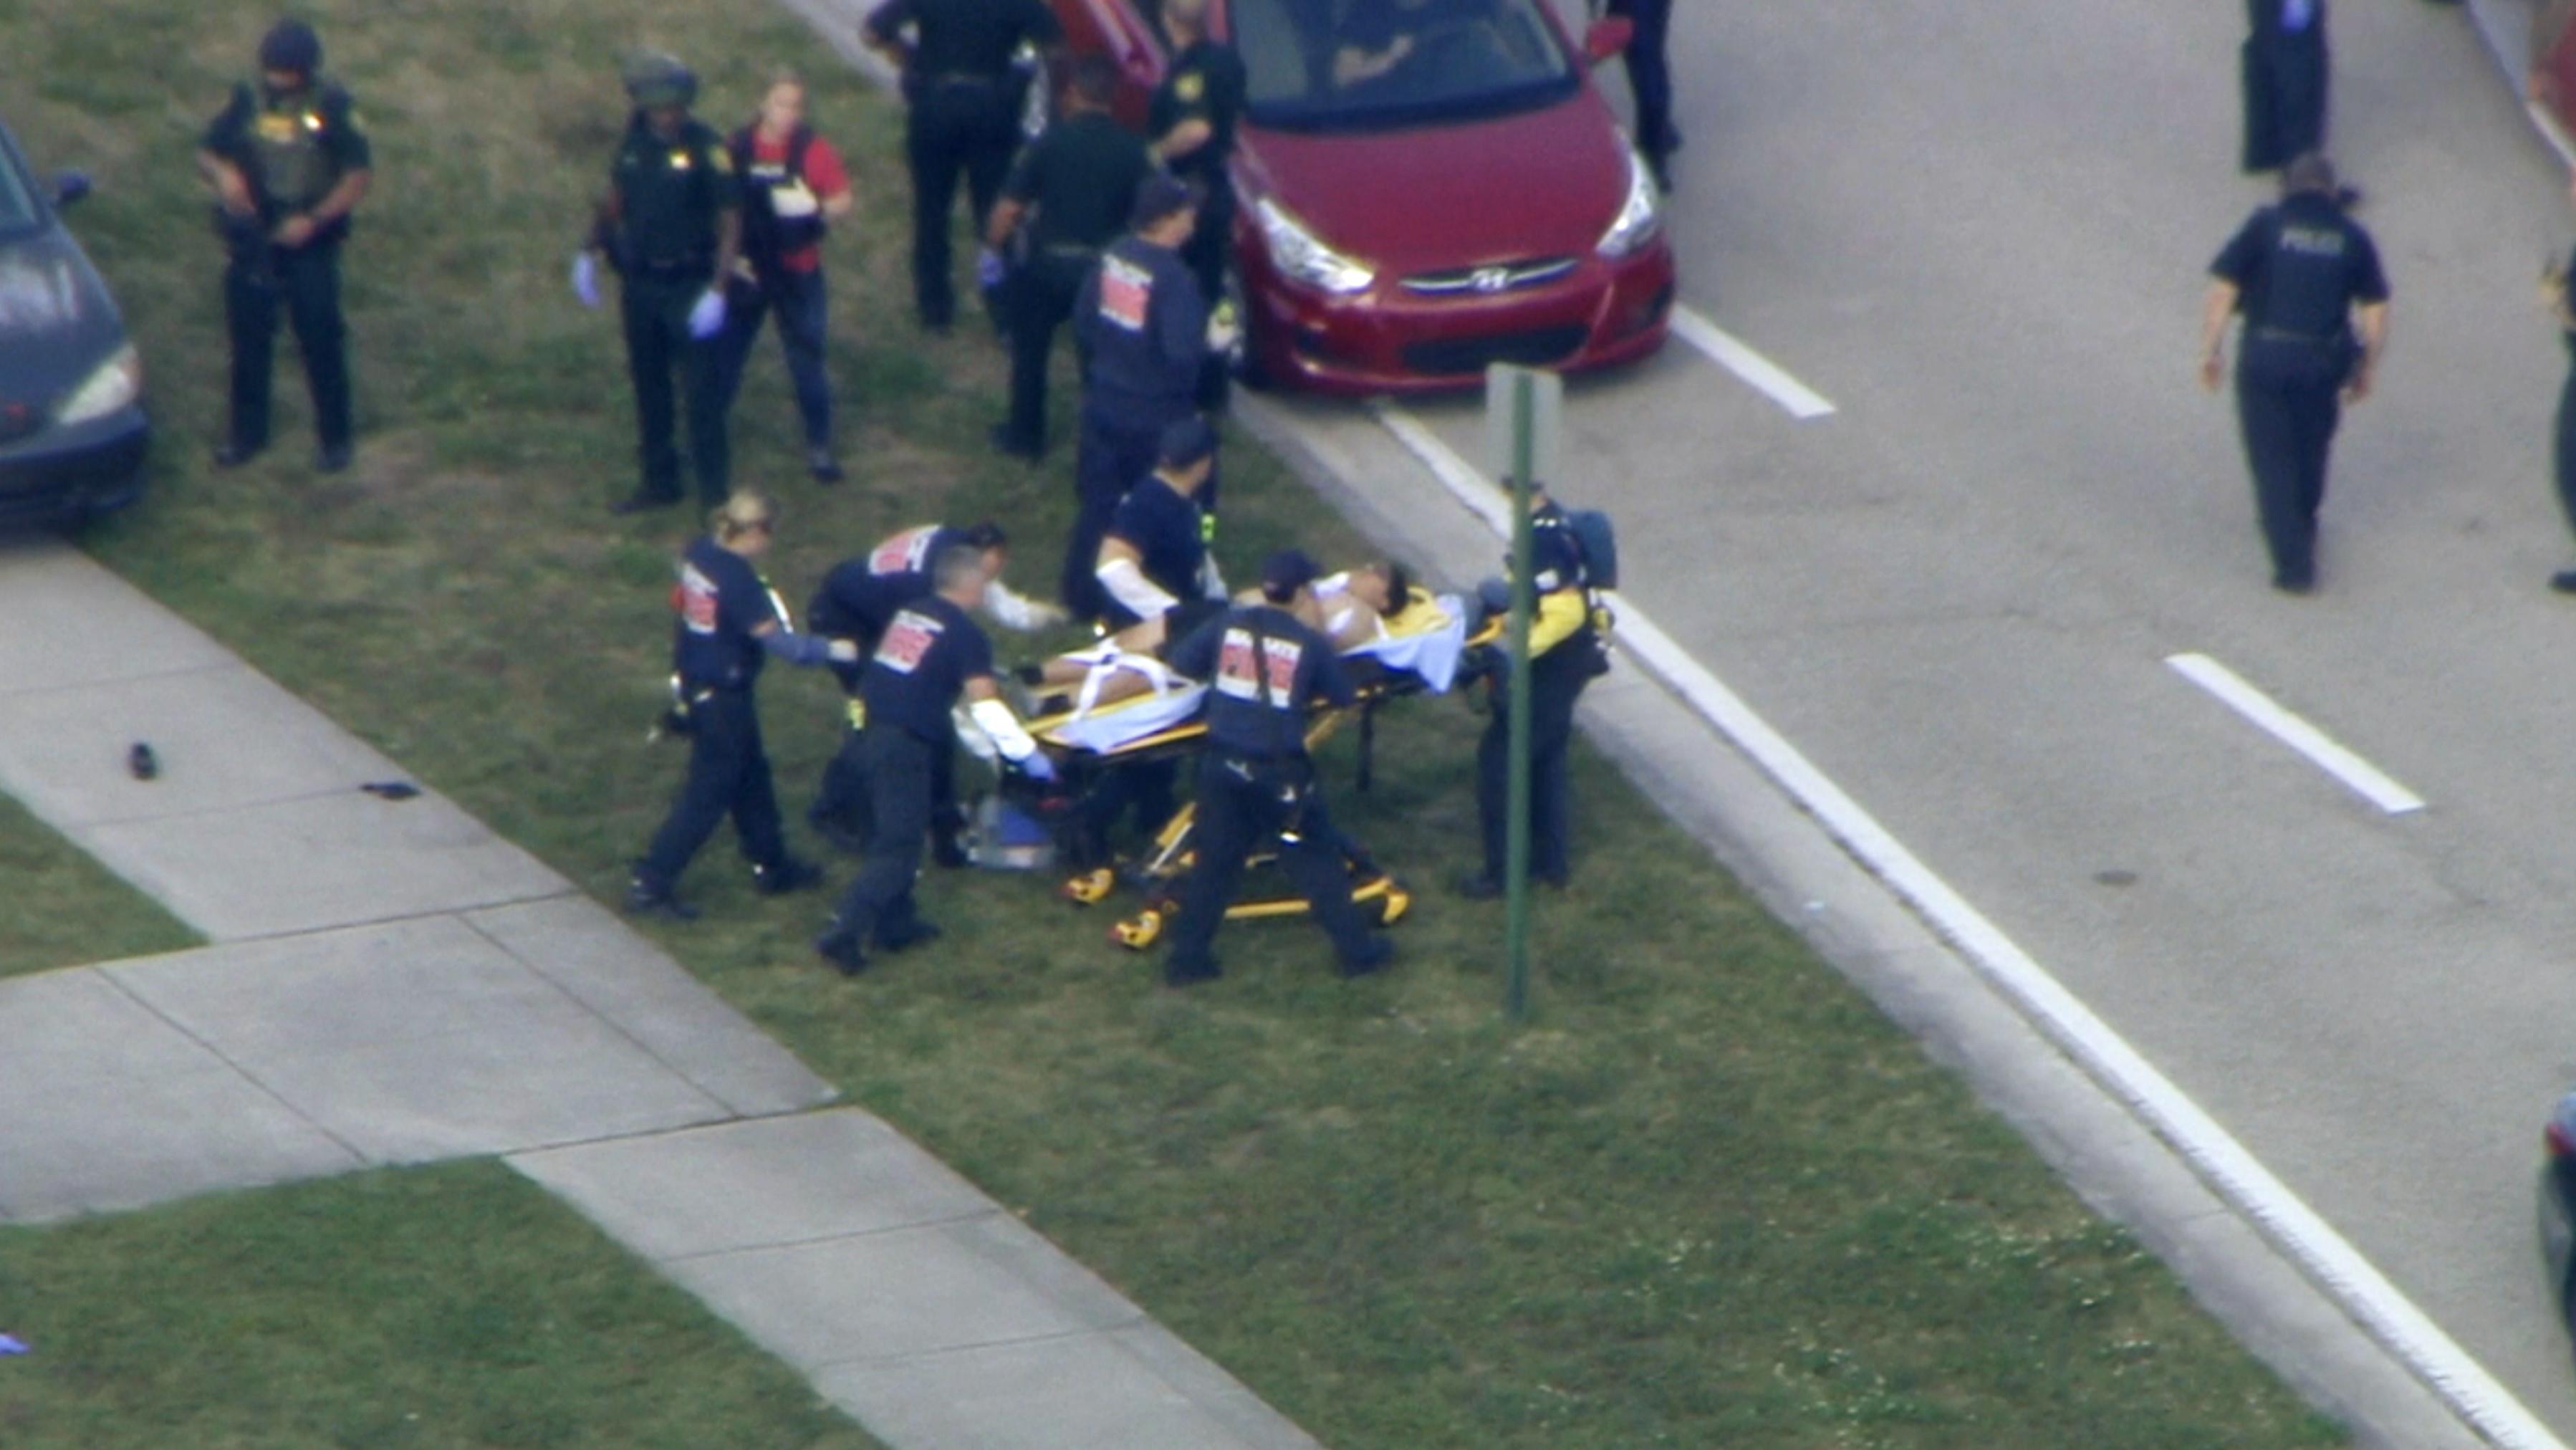 佛州一所高中於14日下午傳出槍響。圖為傷者被送往醫院。美聯社